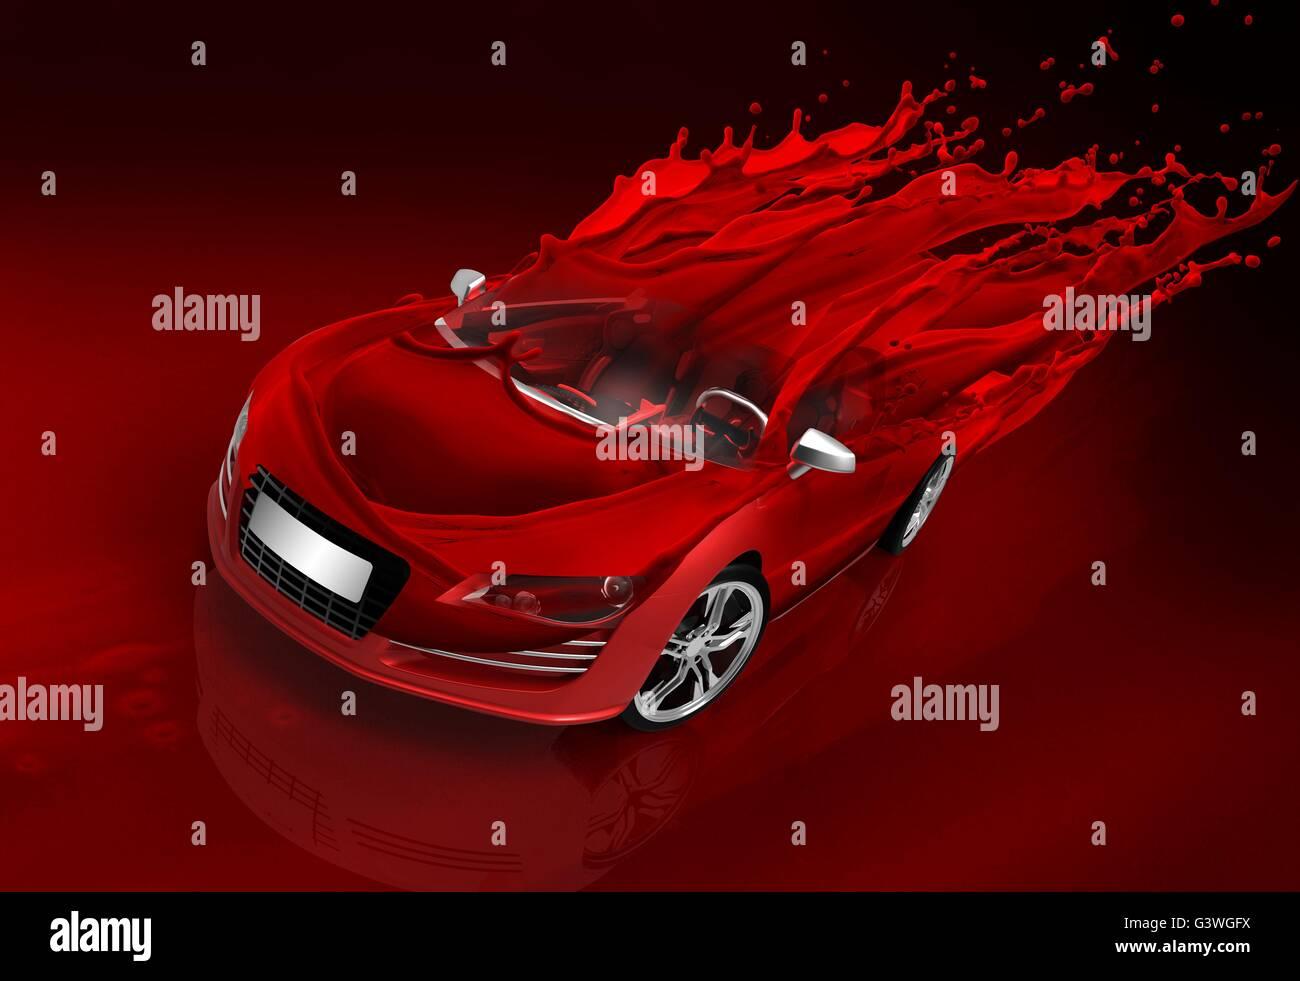 Concept car con veloci schizzi di rosso Immagine di nizza Immagini Stock